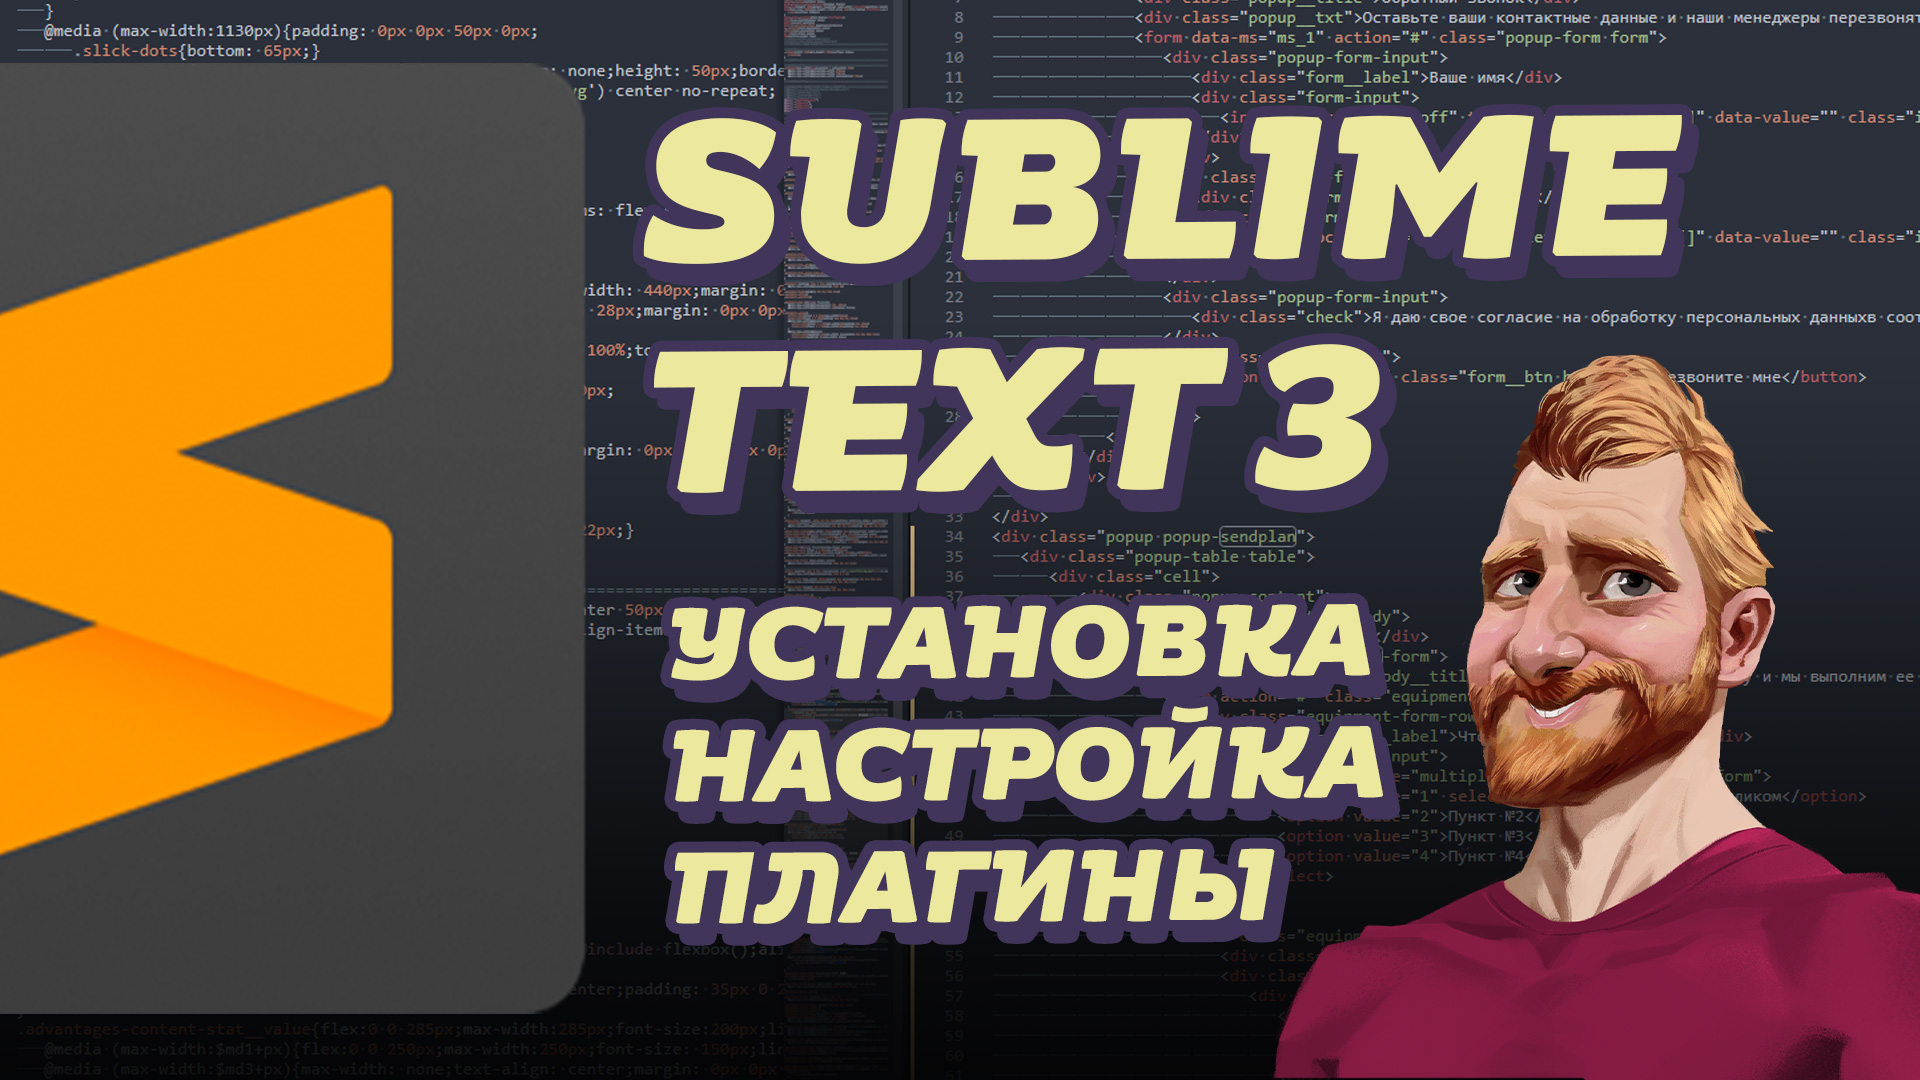 Sublime Text 3 для верстки сайтов. Настройка внешнего вида и установка плагинов. Руководство для начинающих